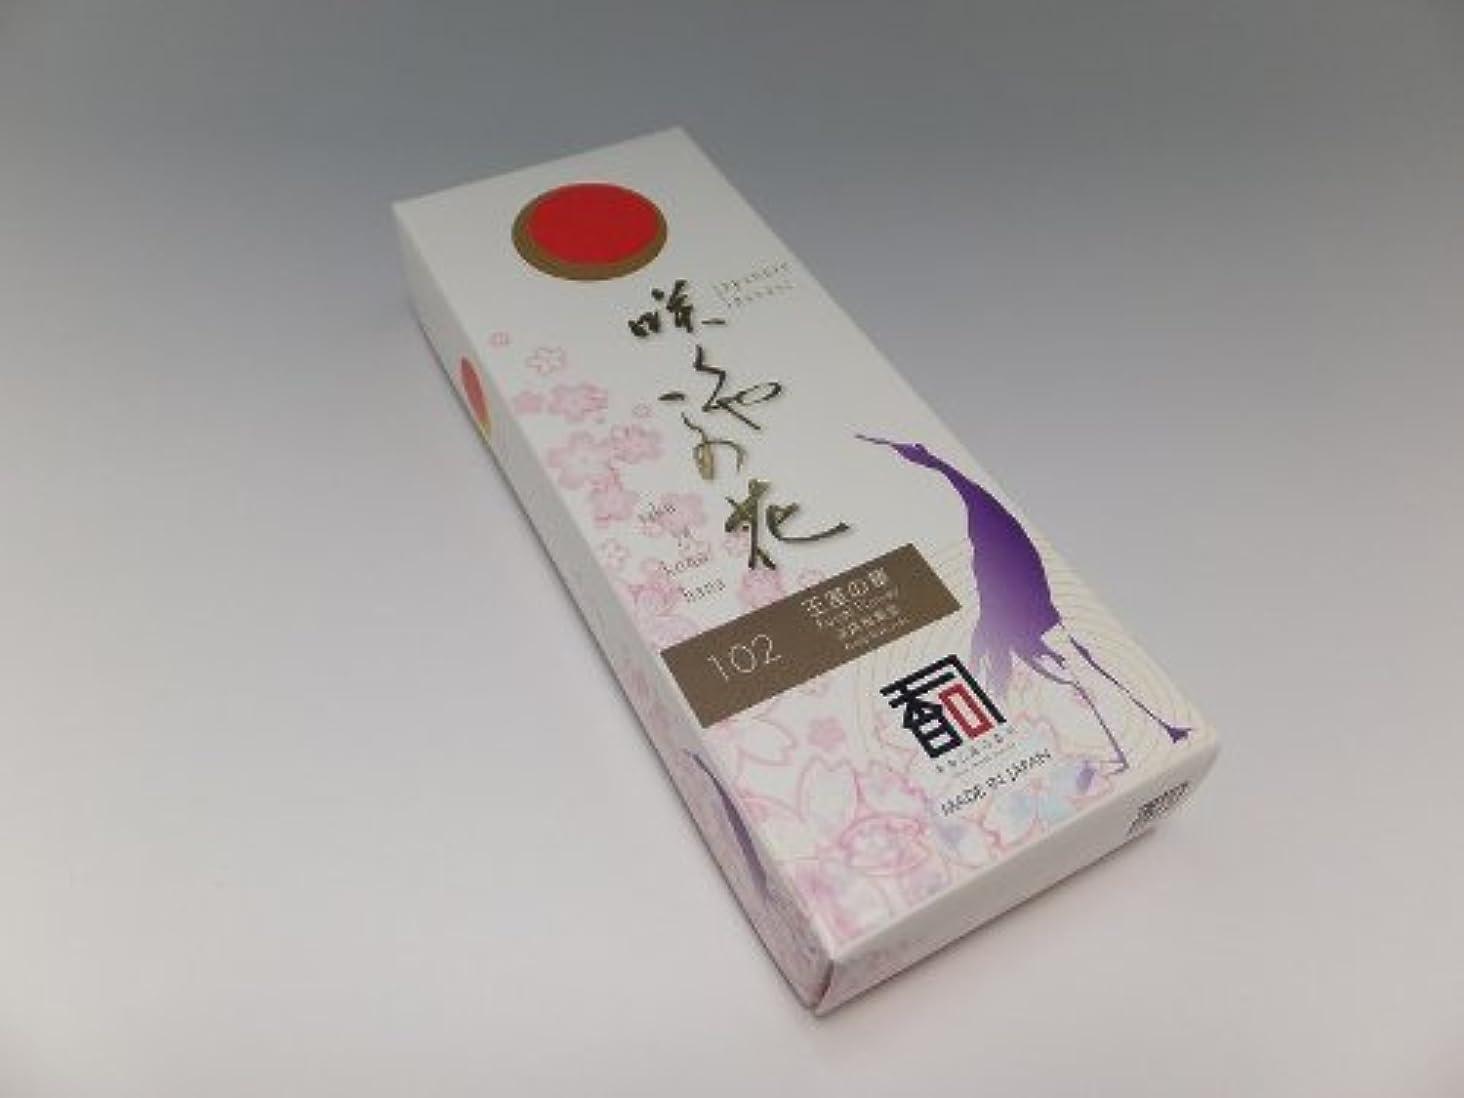 妥協レビュー橋「あわじ島の香司」 日本の香りシリーズ  [咲くや この花] 【102】 王室の華 (有煙)